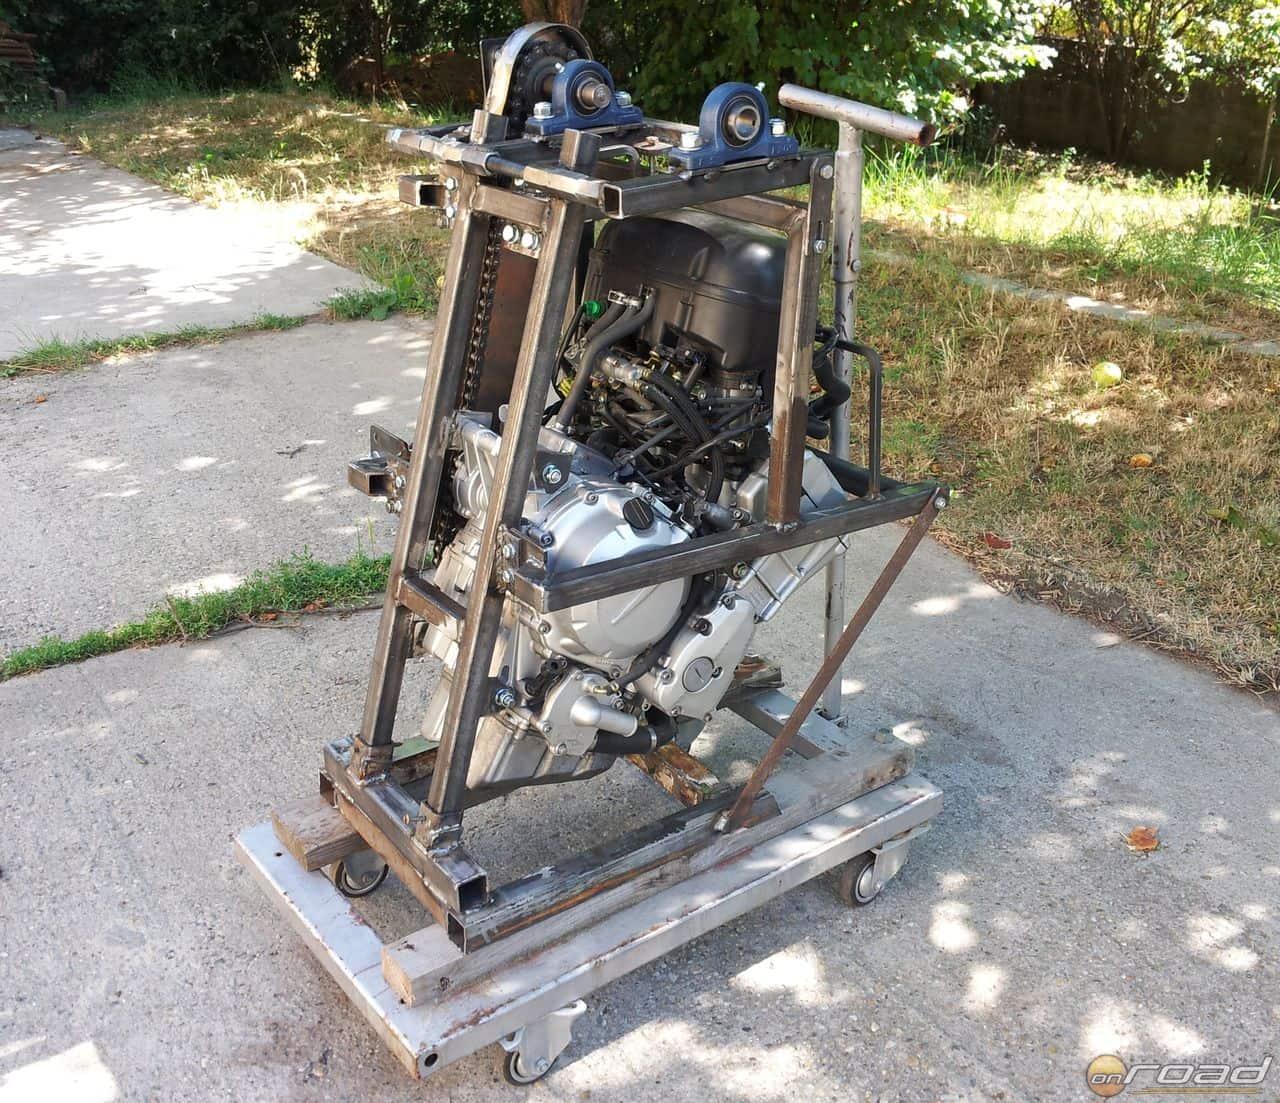 Elkészült a motortartó - itt már látszik, hol lesz a légcsavar tengelye és hogyan hajtja azt a Fazer blokk